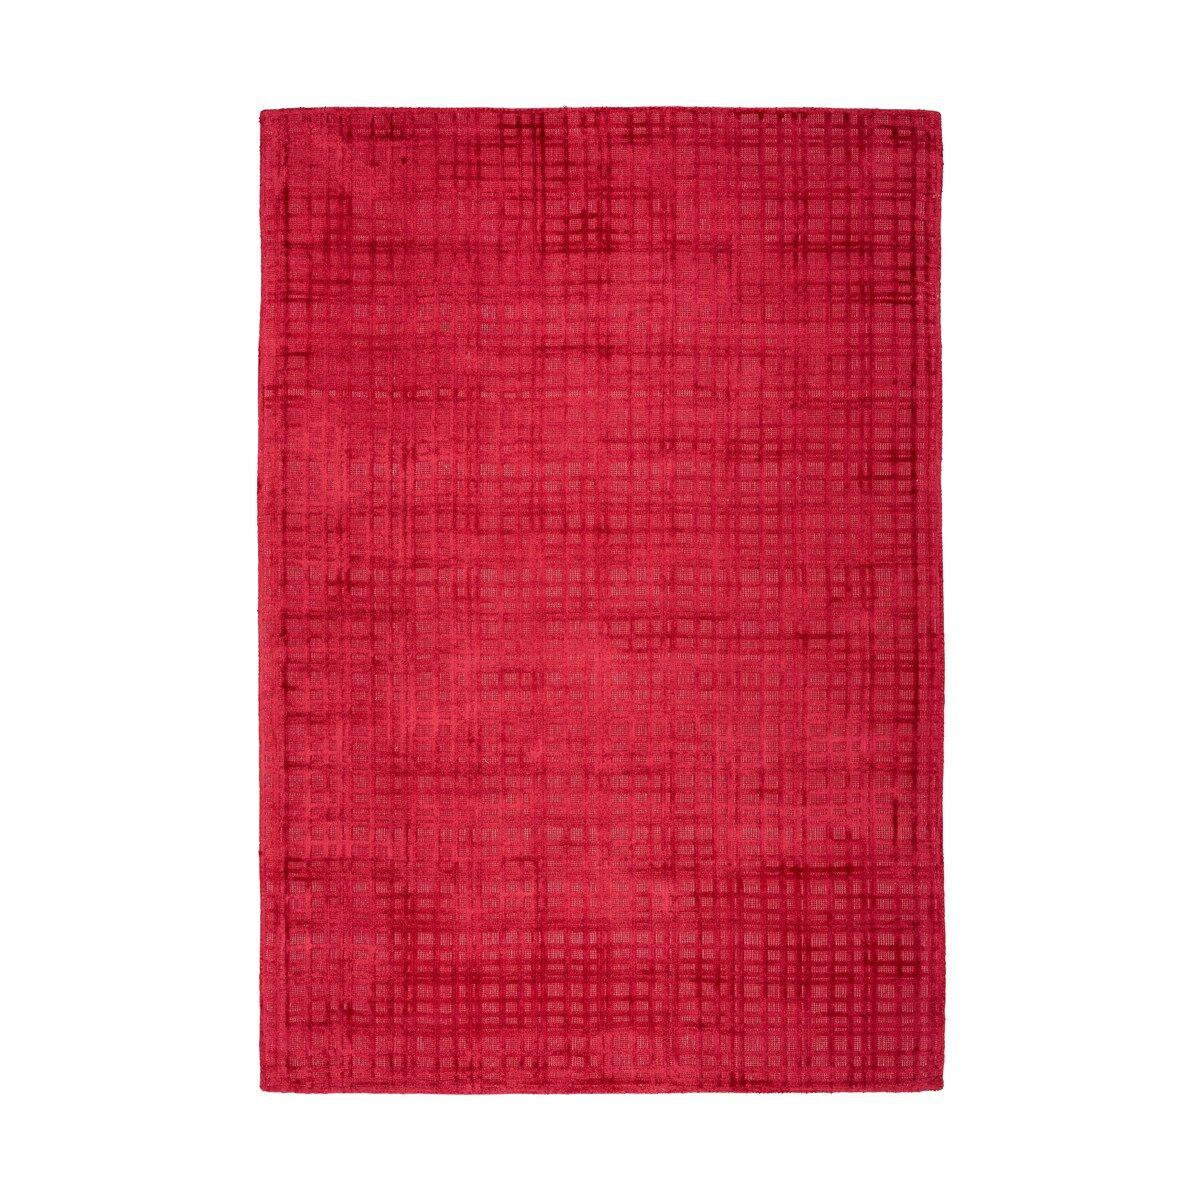 Novatrend Tapis moderne fait main en Viscose Rouge cerise 160x230 cm